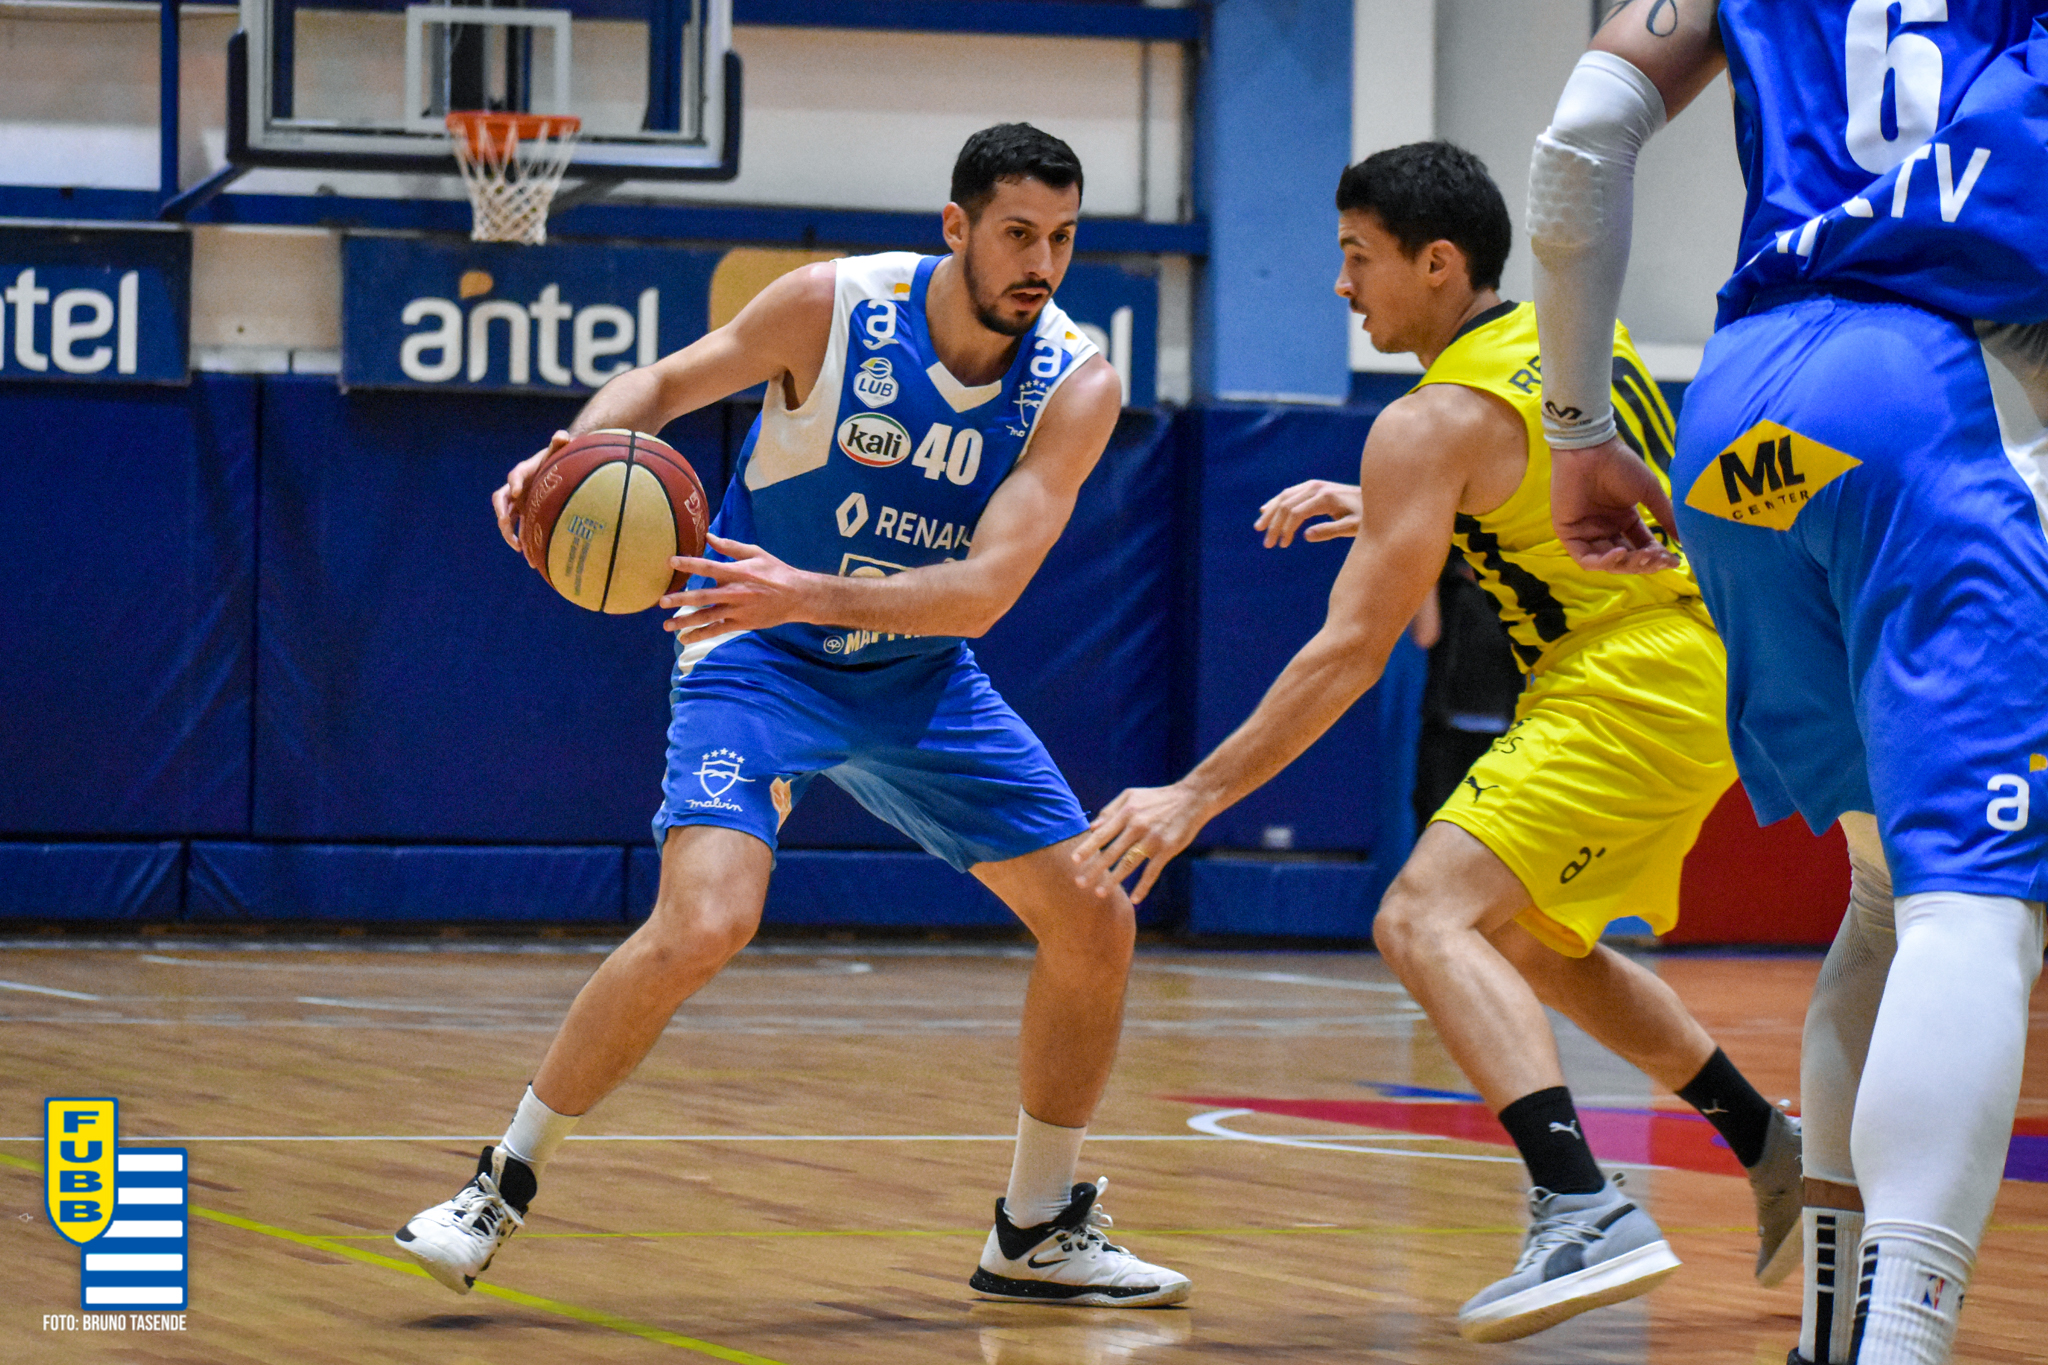 Malvín Peñarol